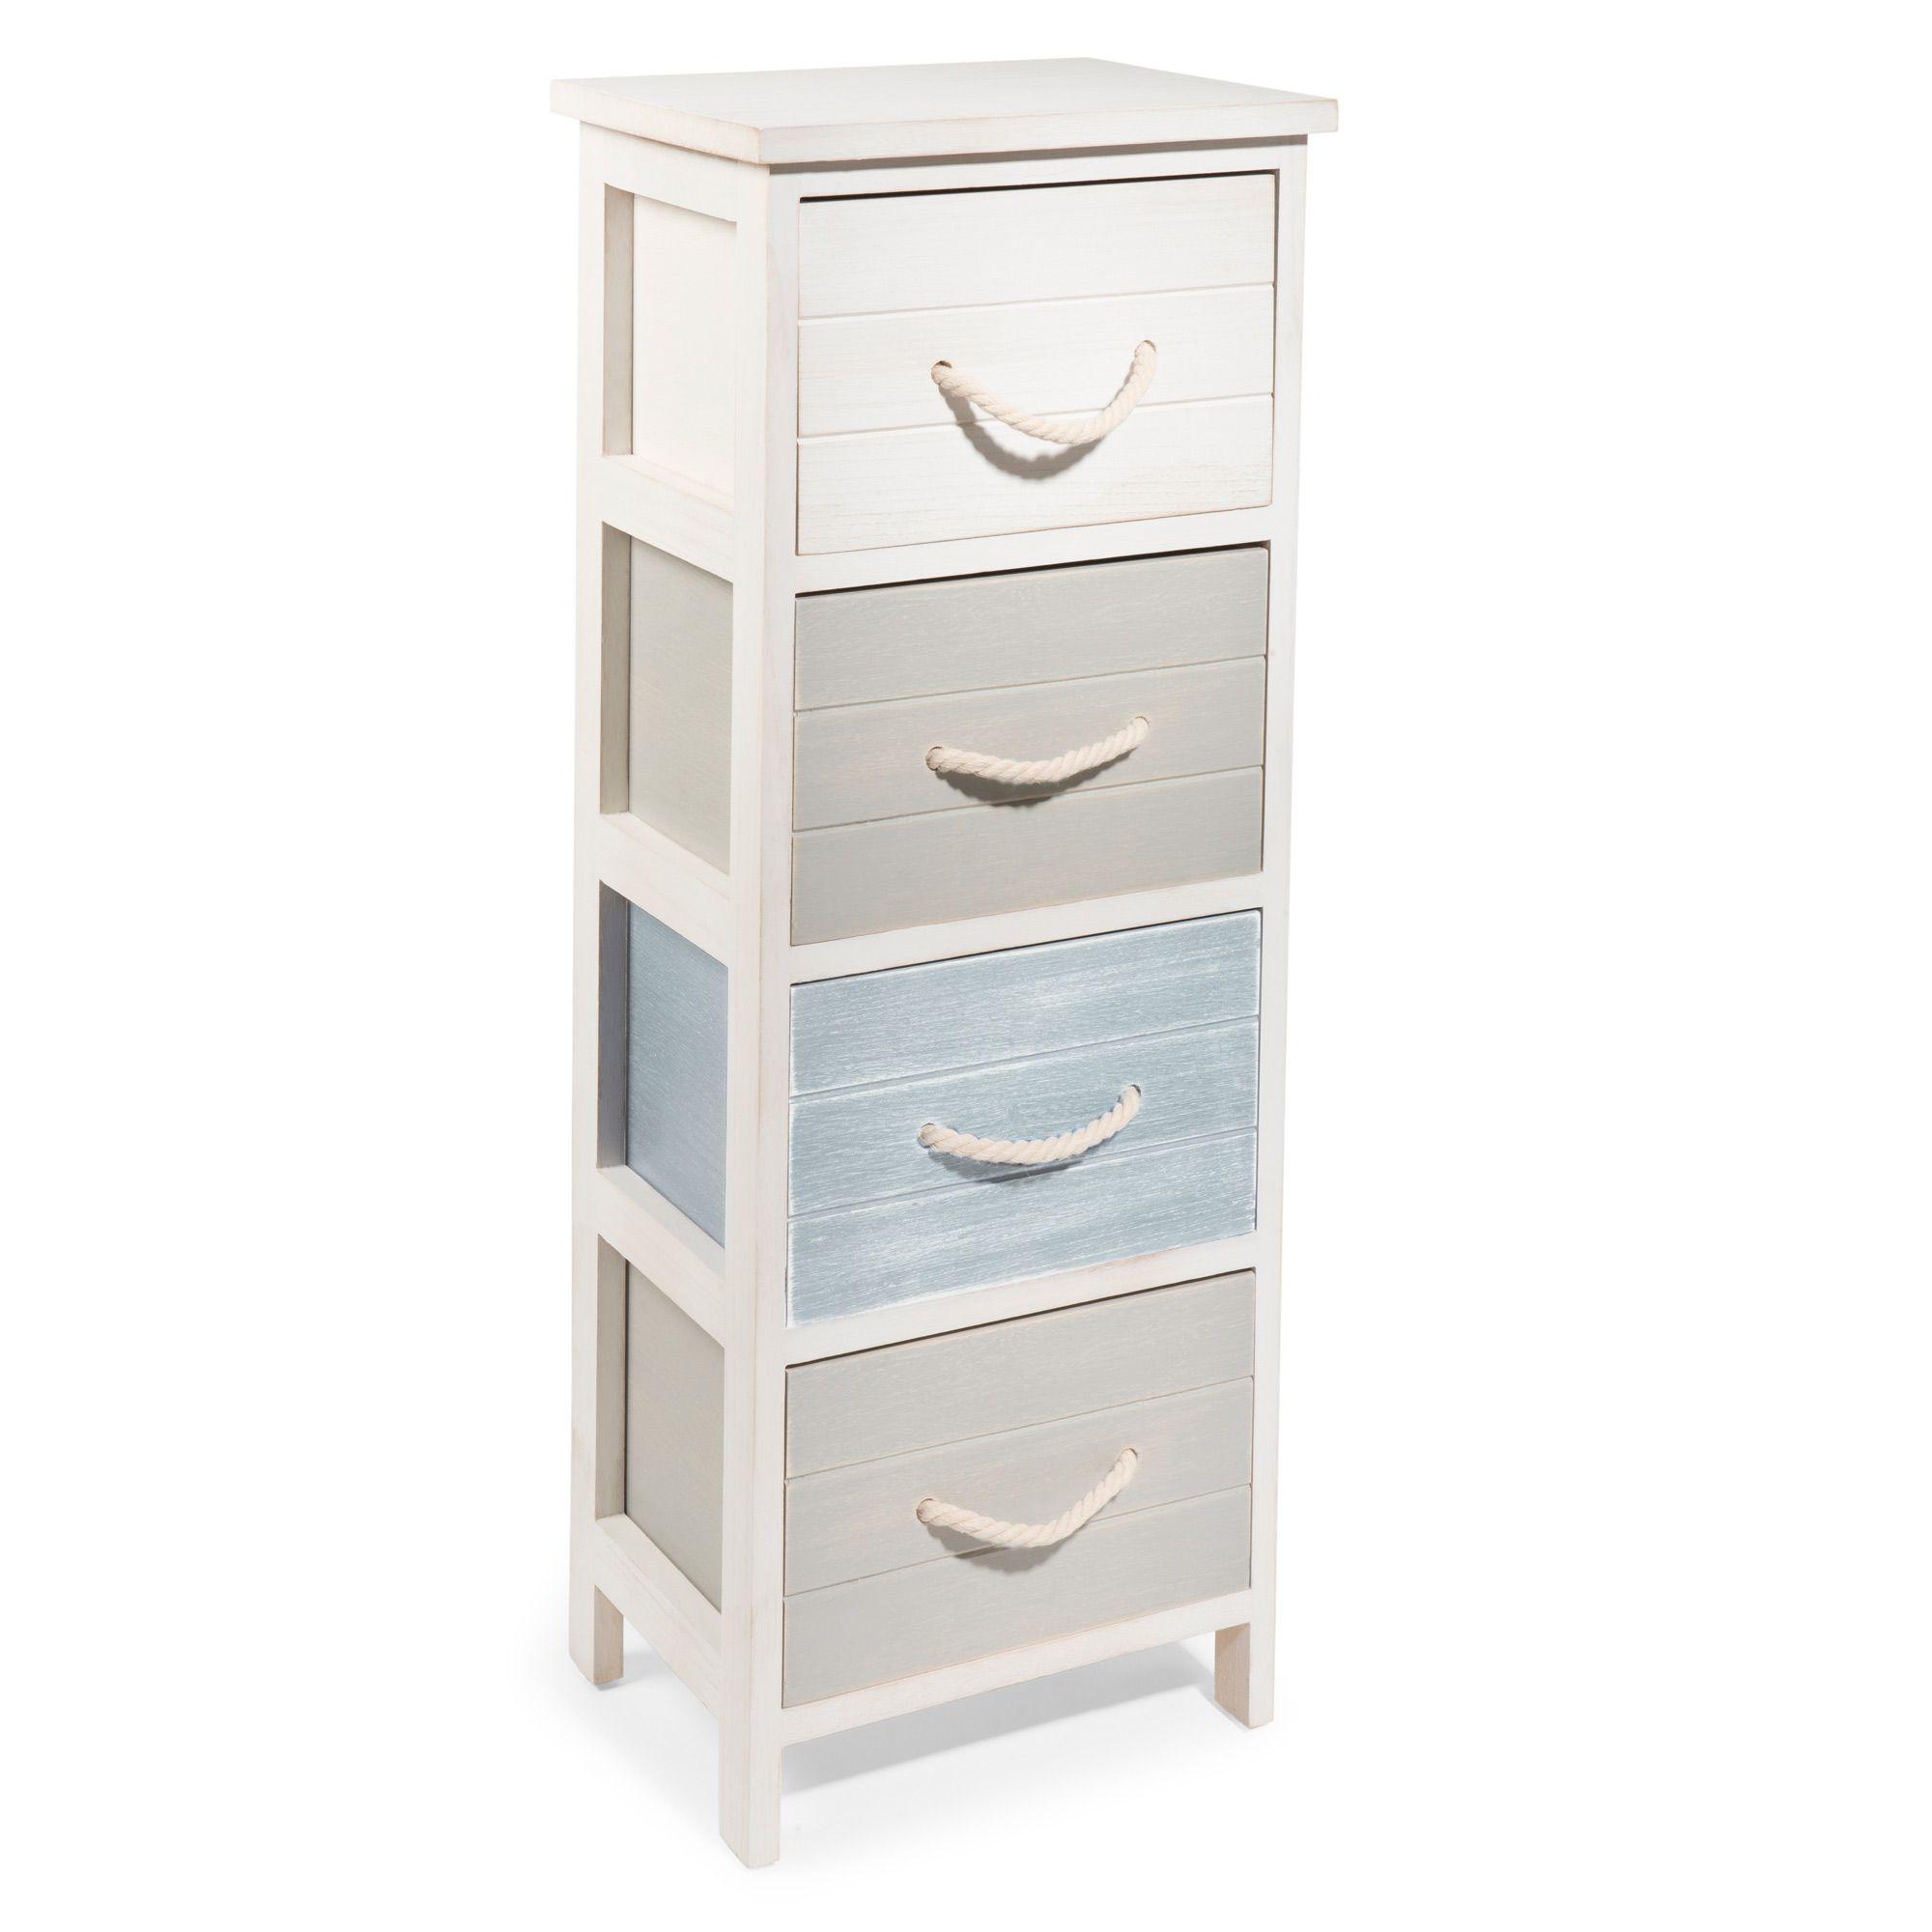 Mueble pequeño con 4 cajones de paulonia blanco | Muebles pequeños ...